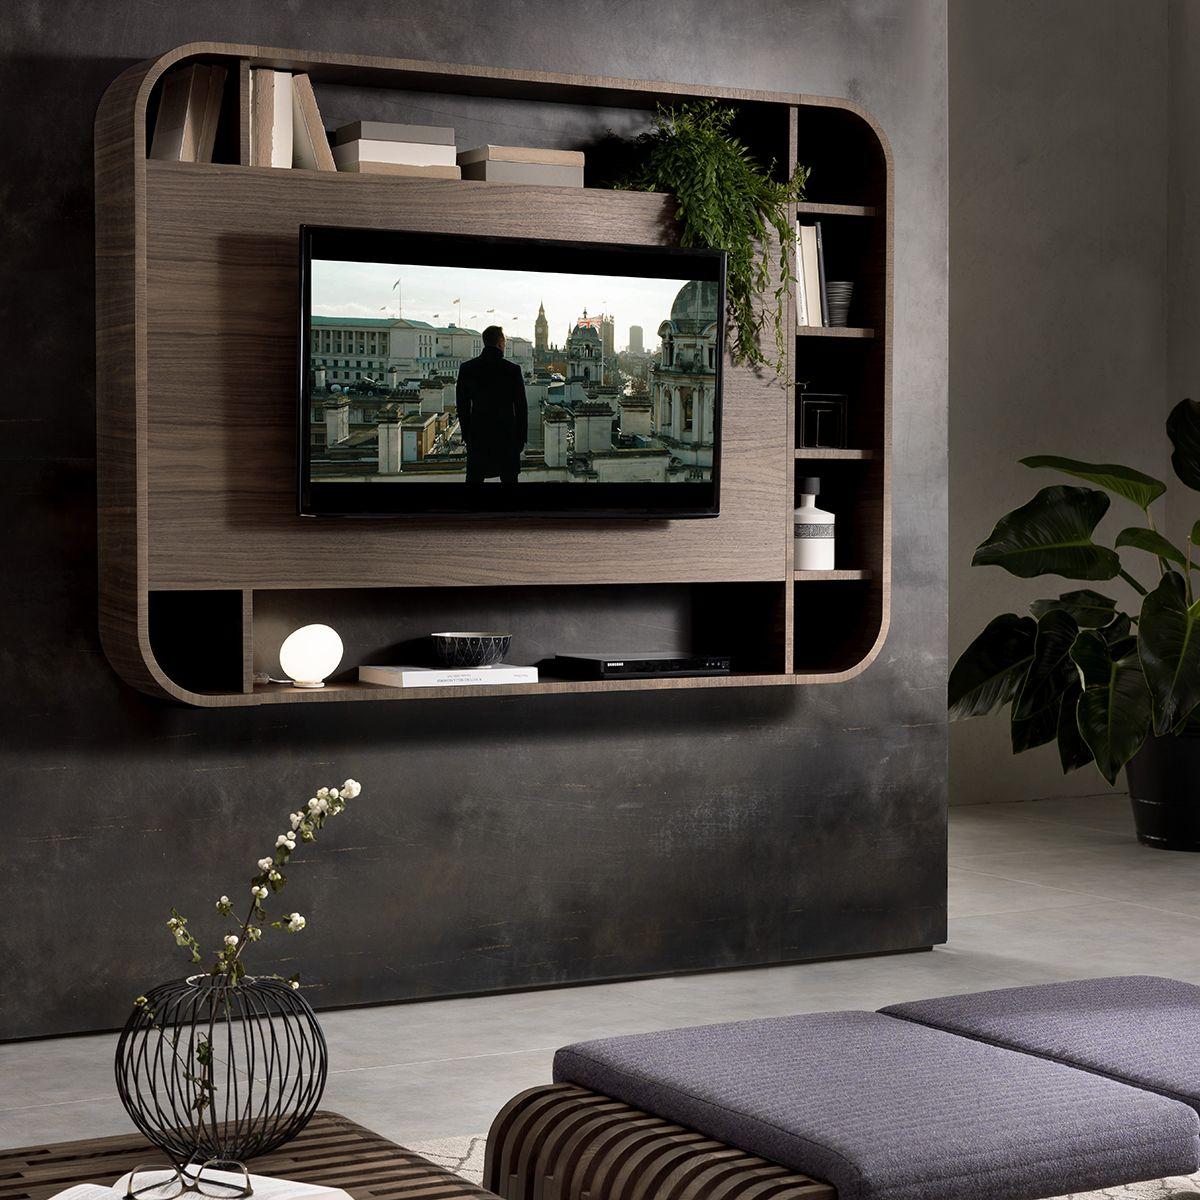 Vision Wall Tv Unit Design Depot Bedroom Tv Wall Tv Wall Design Wall Tv Unit Design